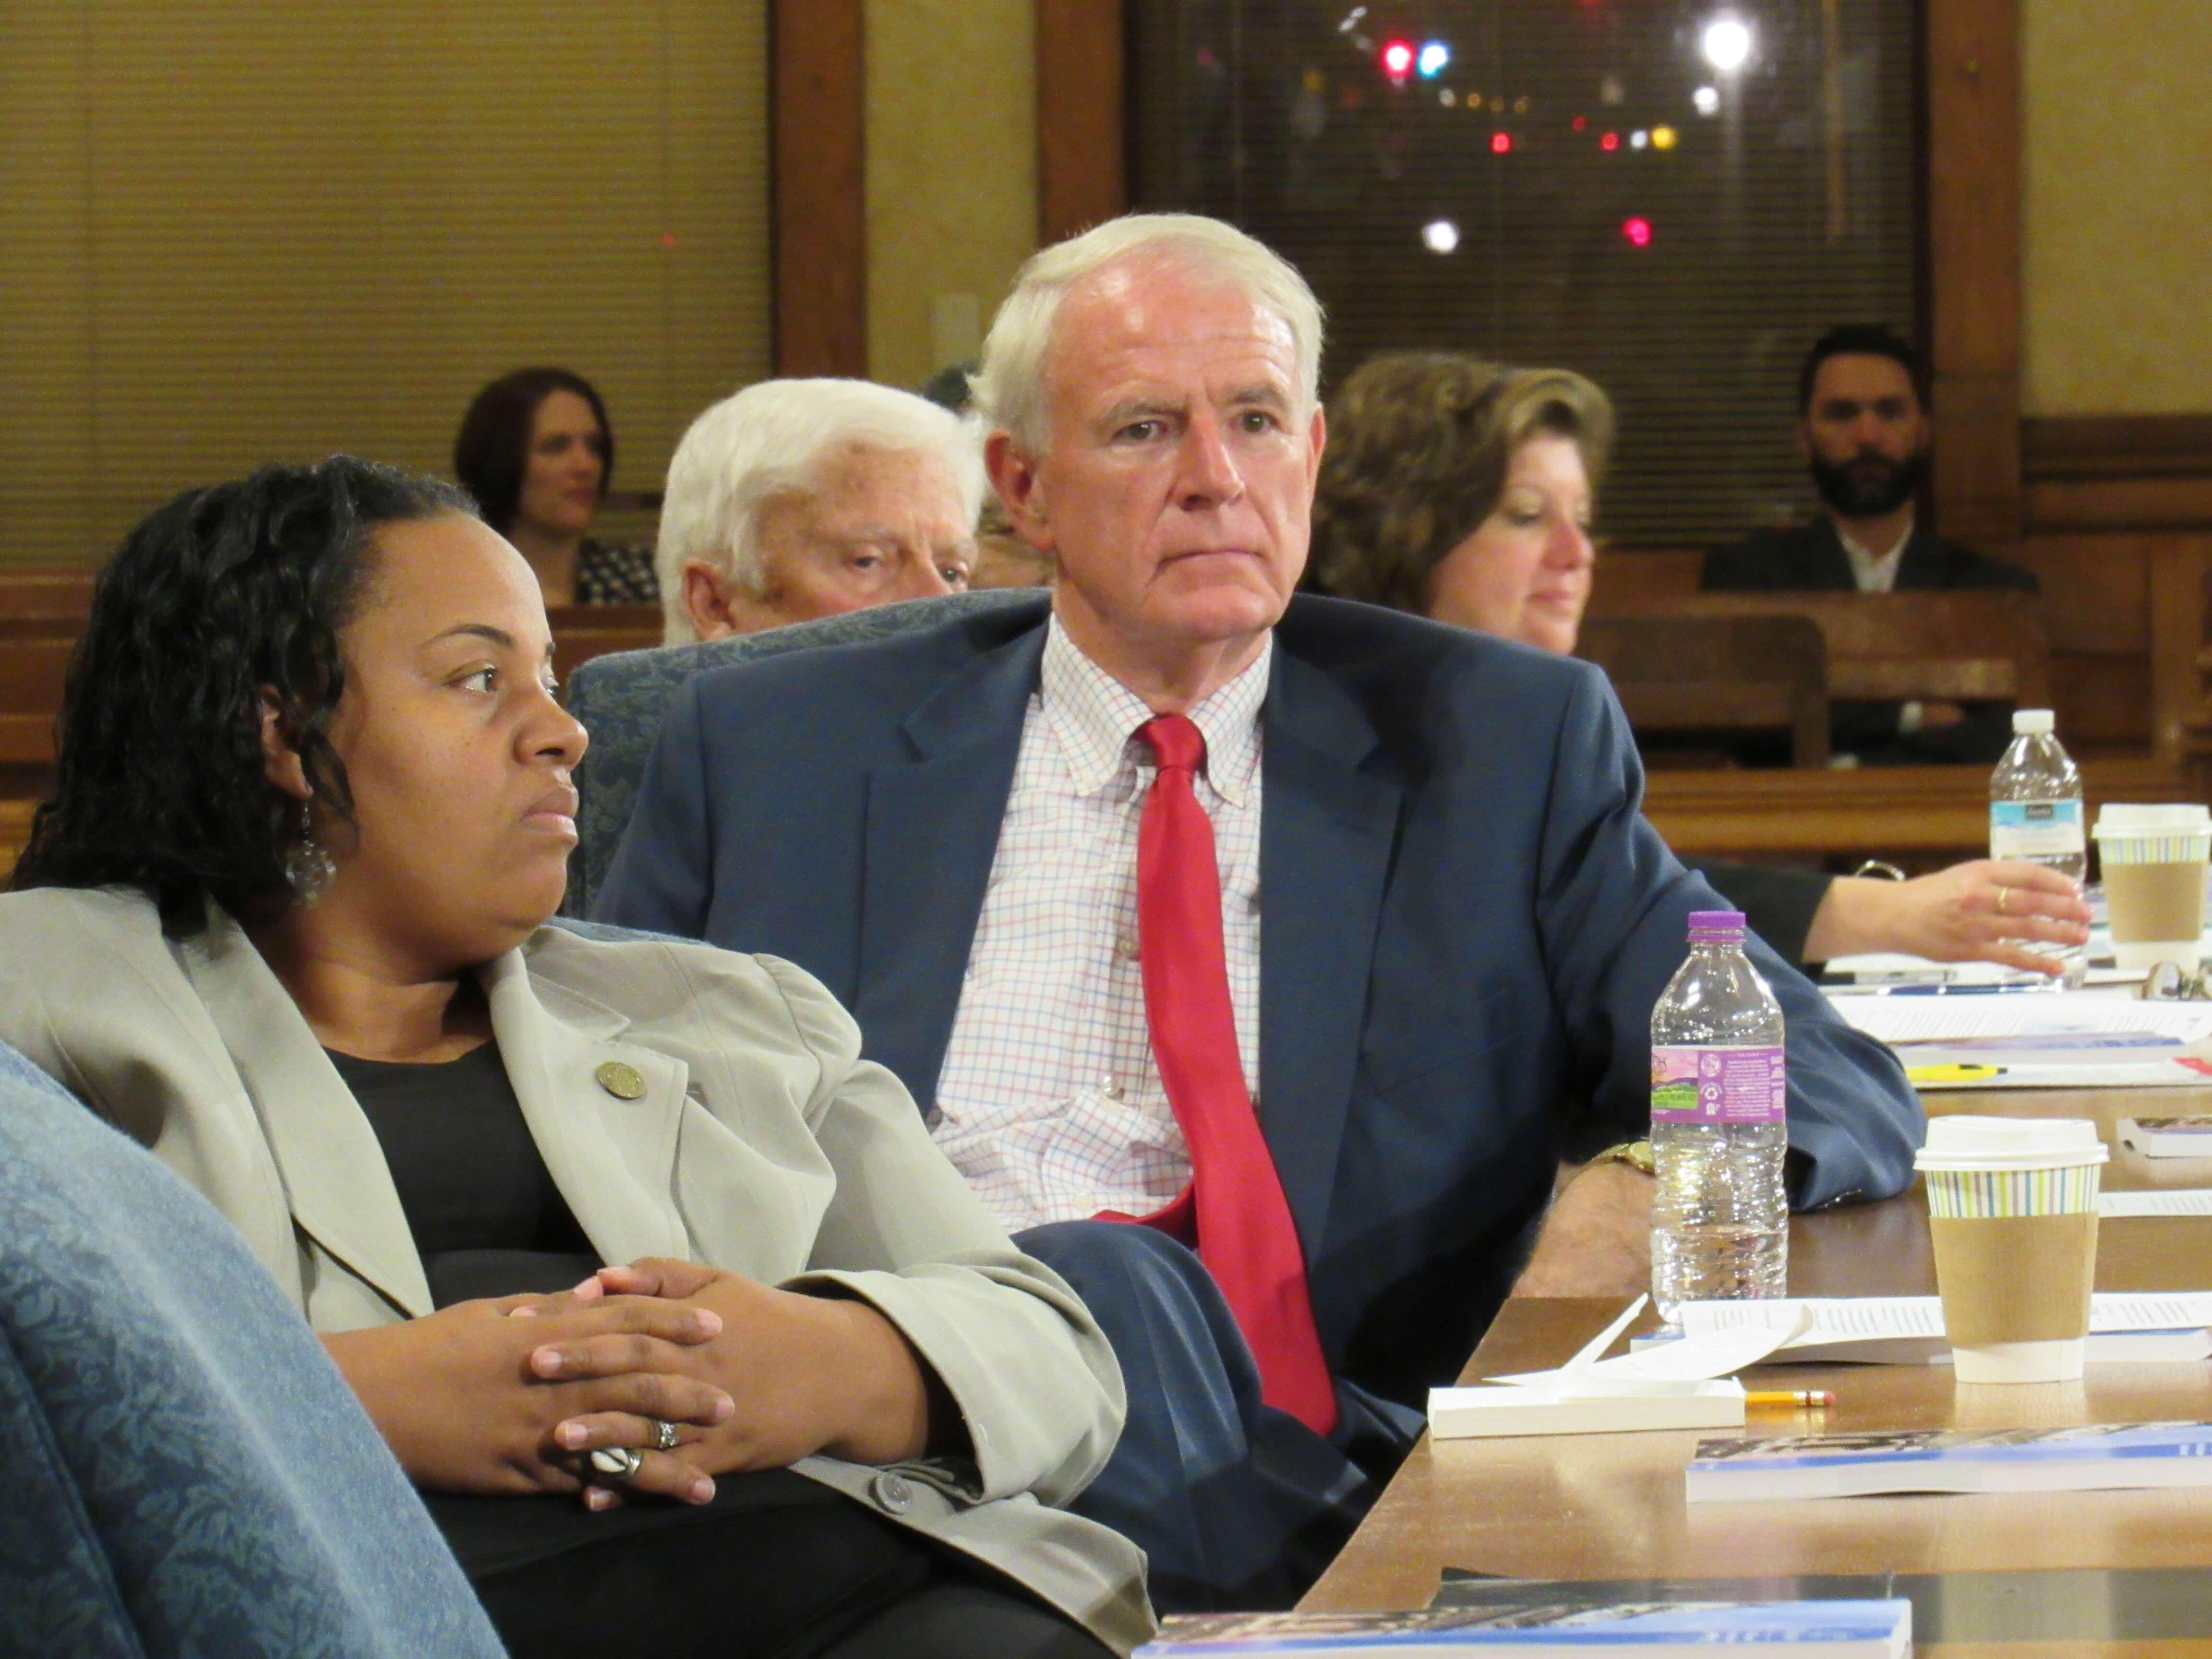 Mayor Tom Barrett. Photo by Isiah Holmes/Wisconsin Examiner.